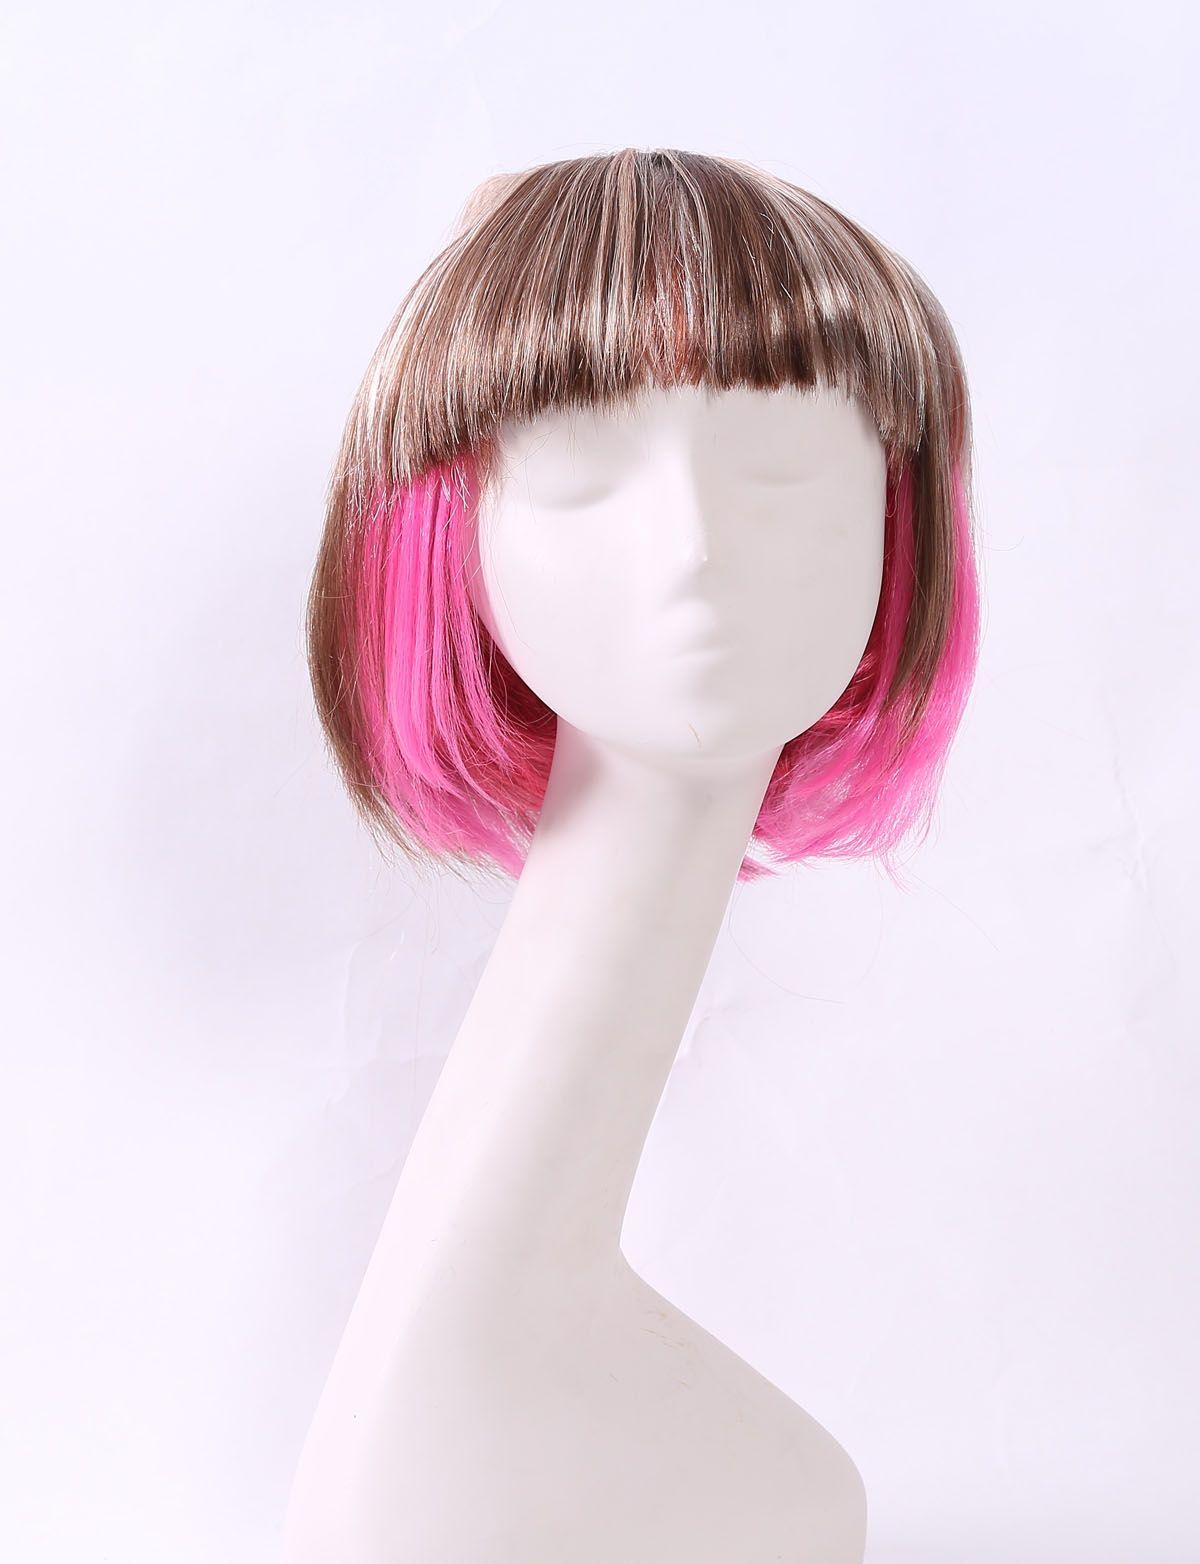 外贸热销化纤假发女浅棕带粉色短发BOB头学生发万圣节头套批发